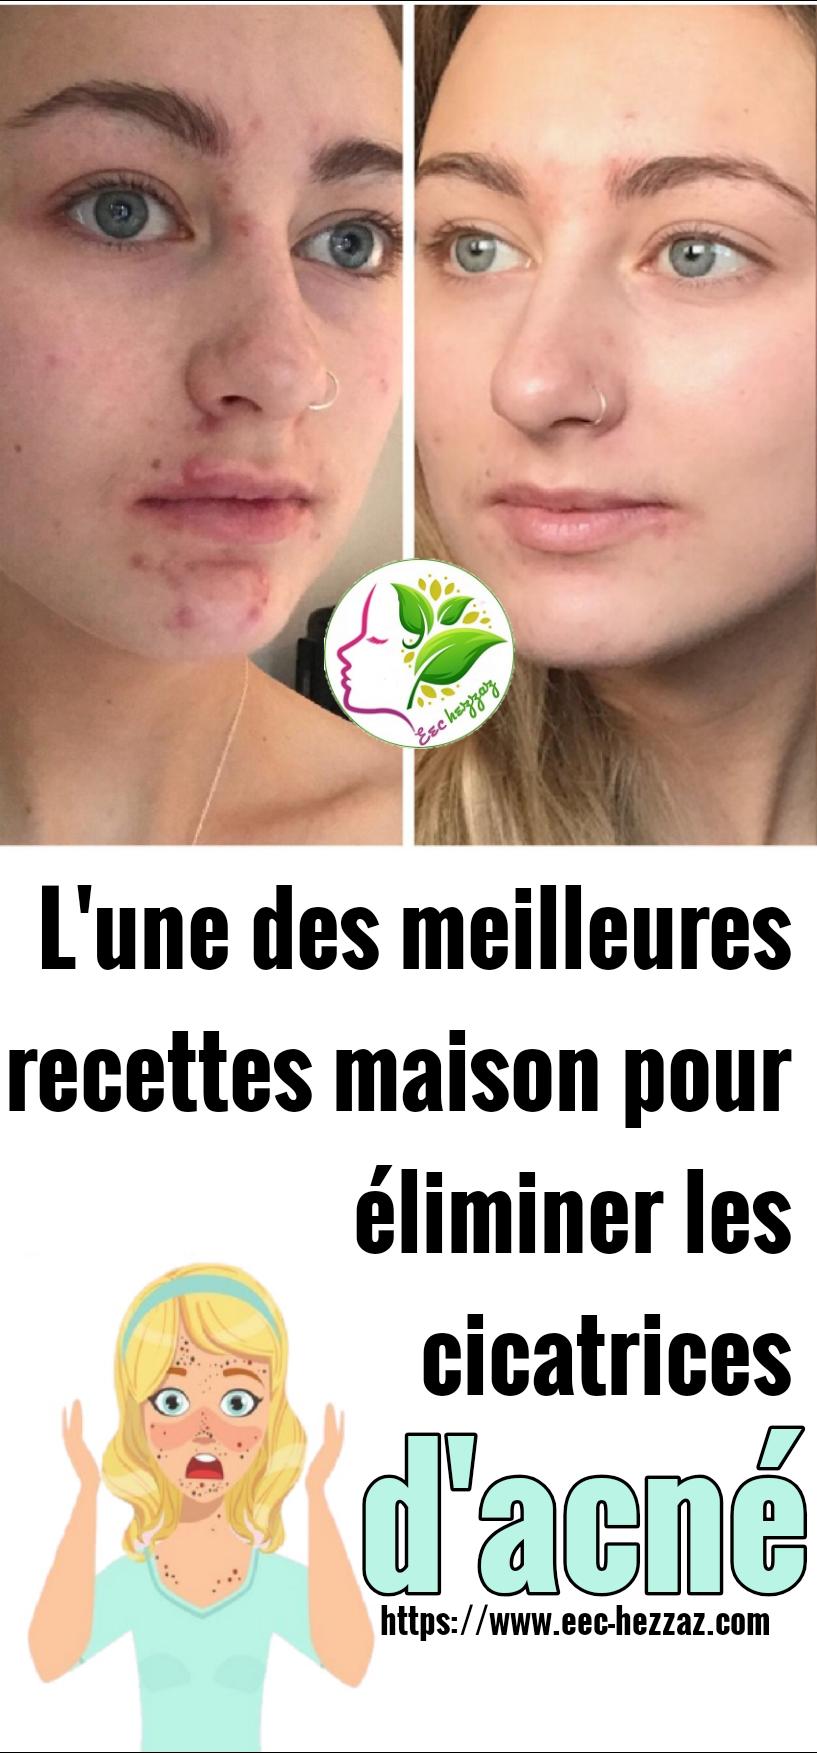 L'une des meilleures recettes maison pour éliminer les cicatrices d'acné